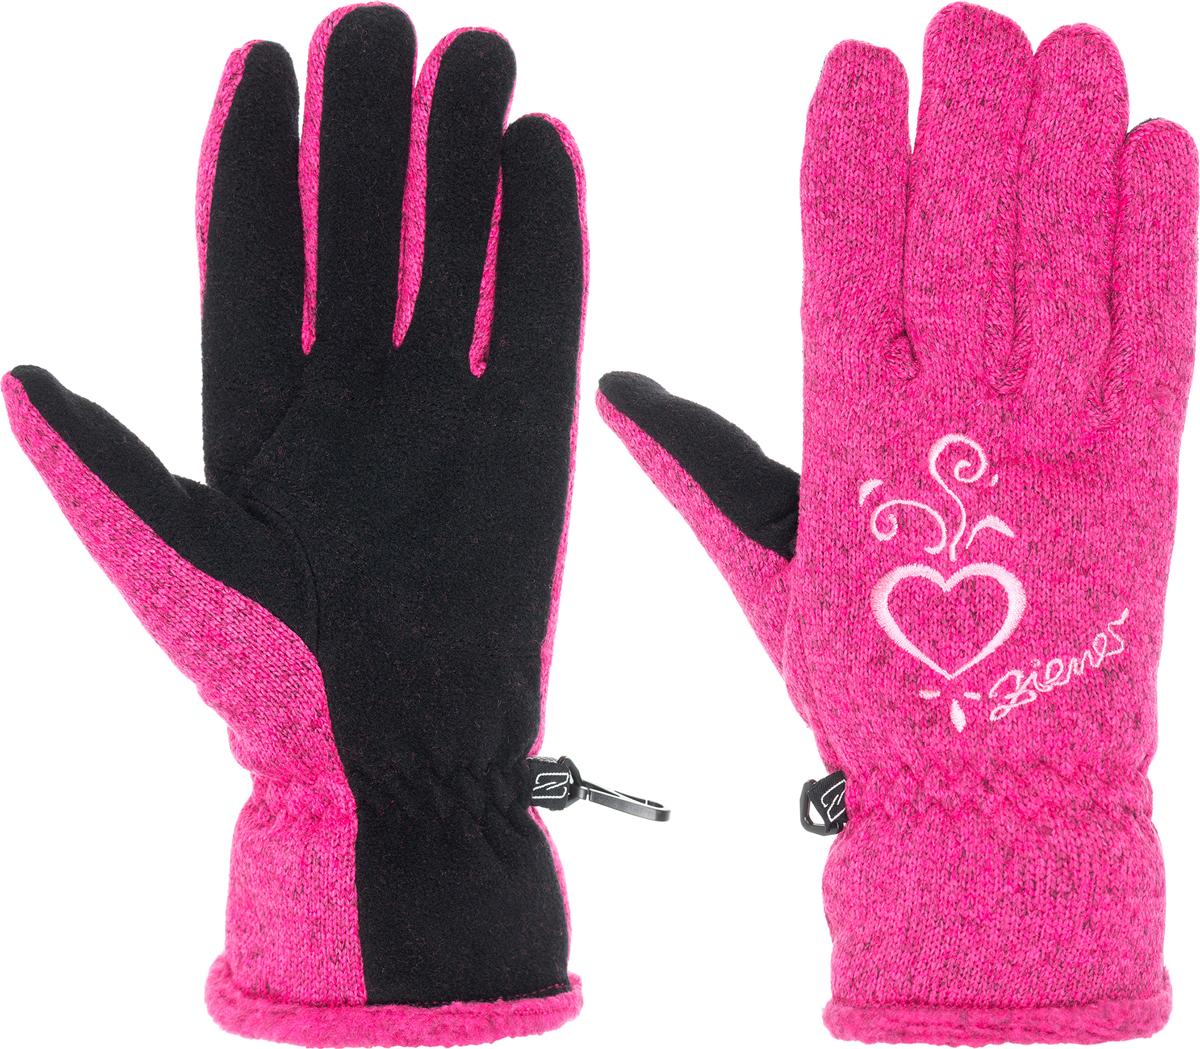 Перчатки Ziener Imariana Lady, цвет: розовый . 170026-766. Размер 8170026-766